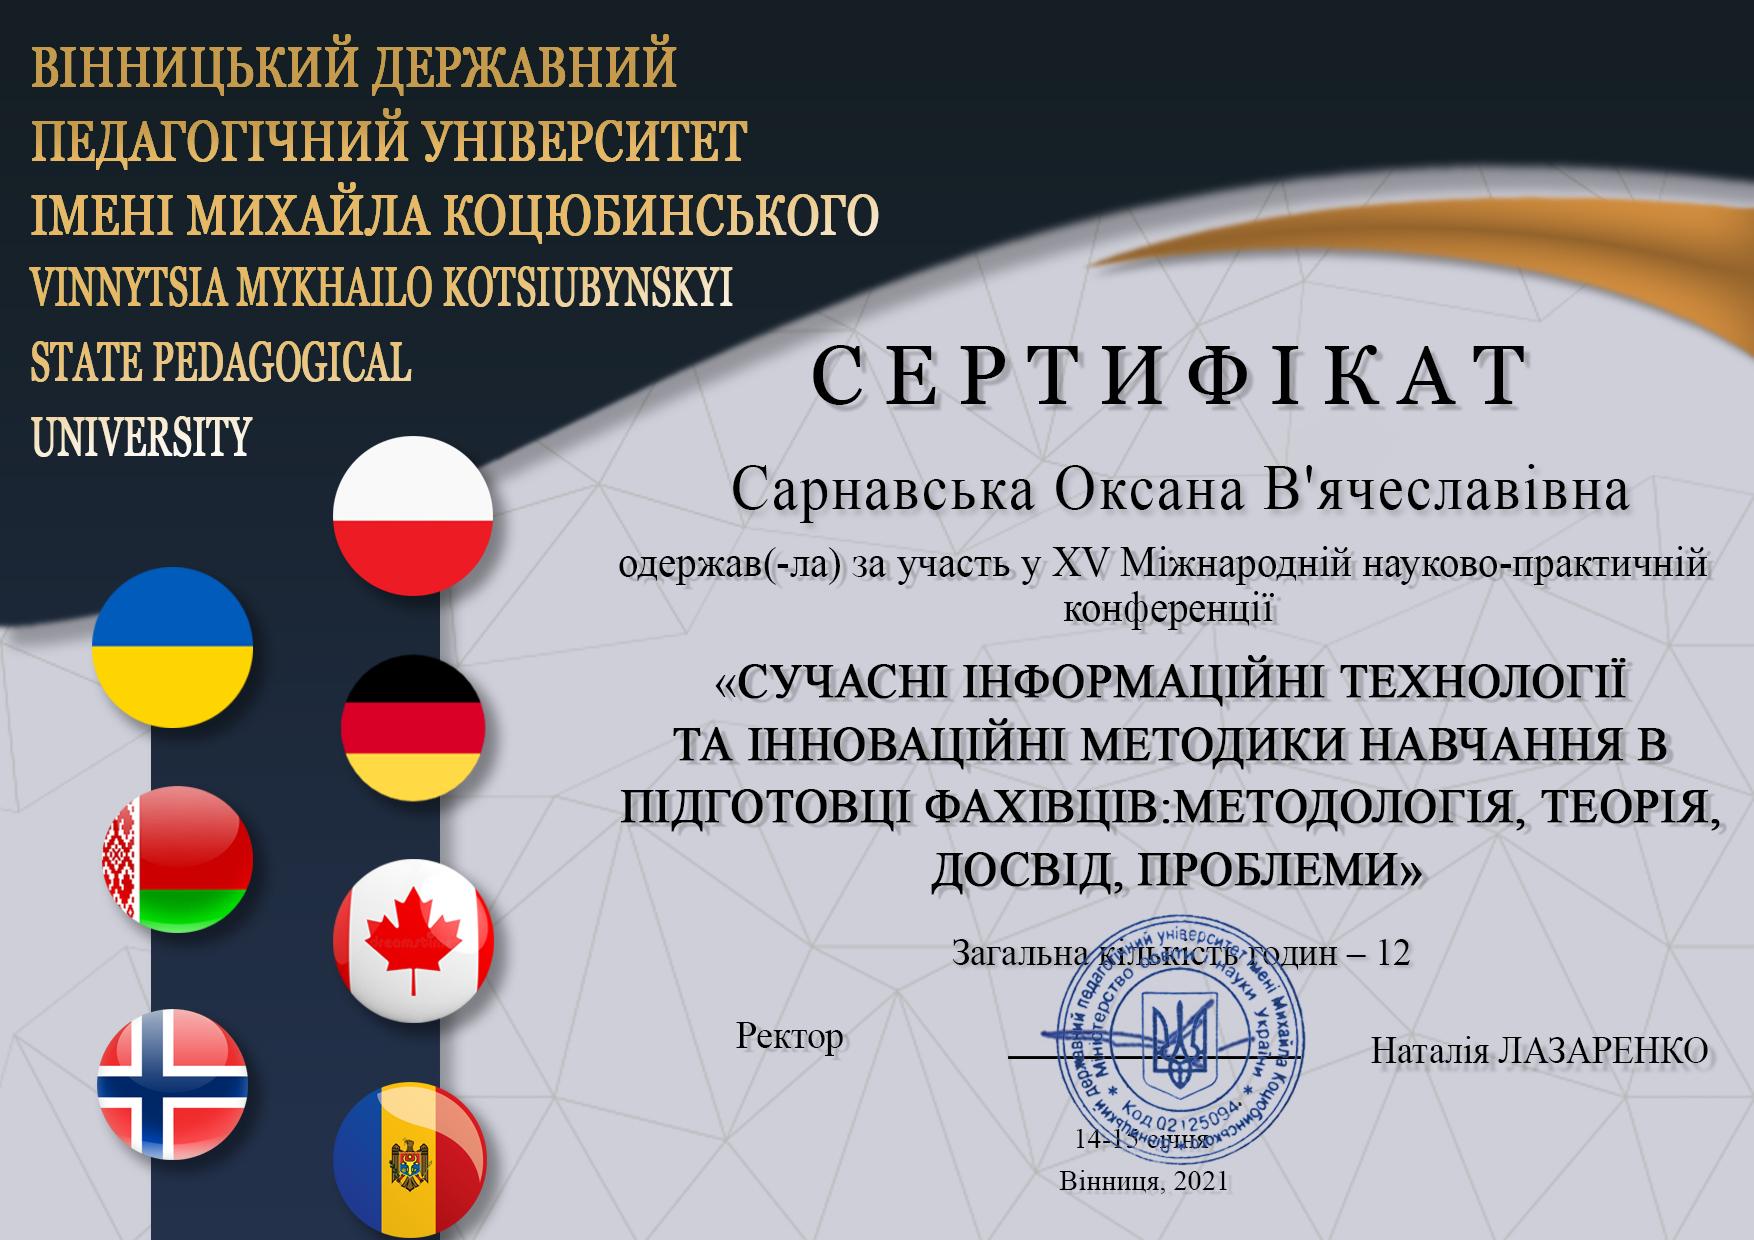 Сарнавська Оксана В'ячеславівна